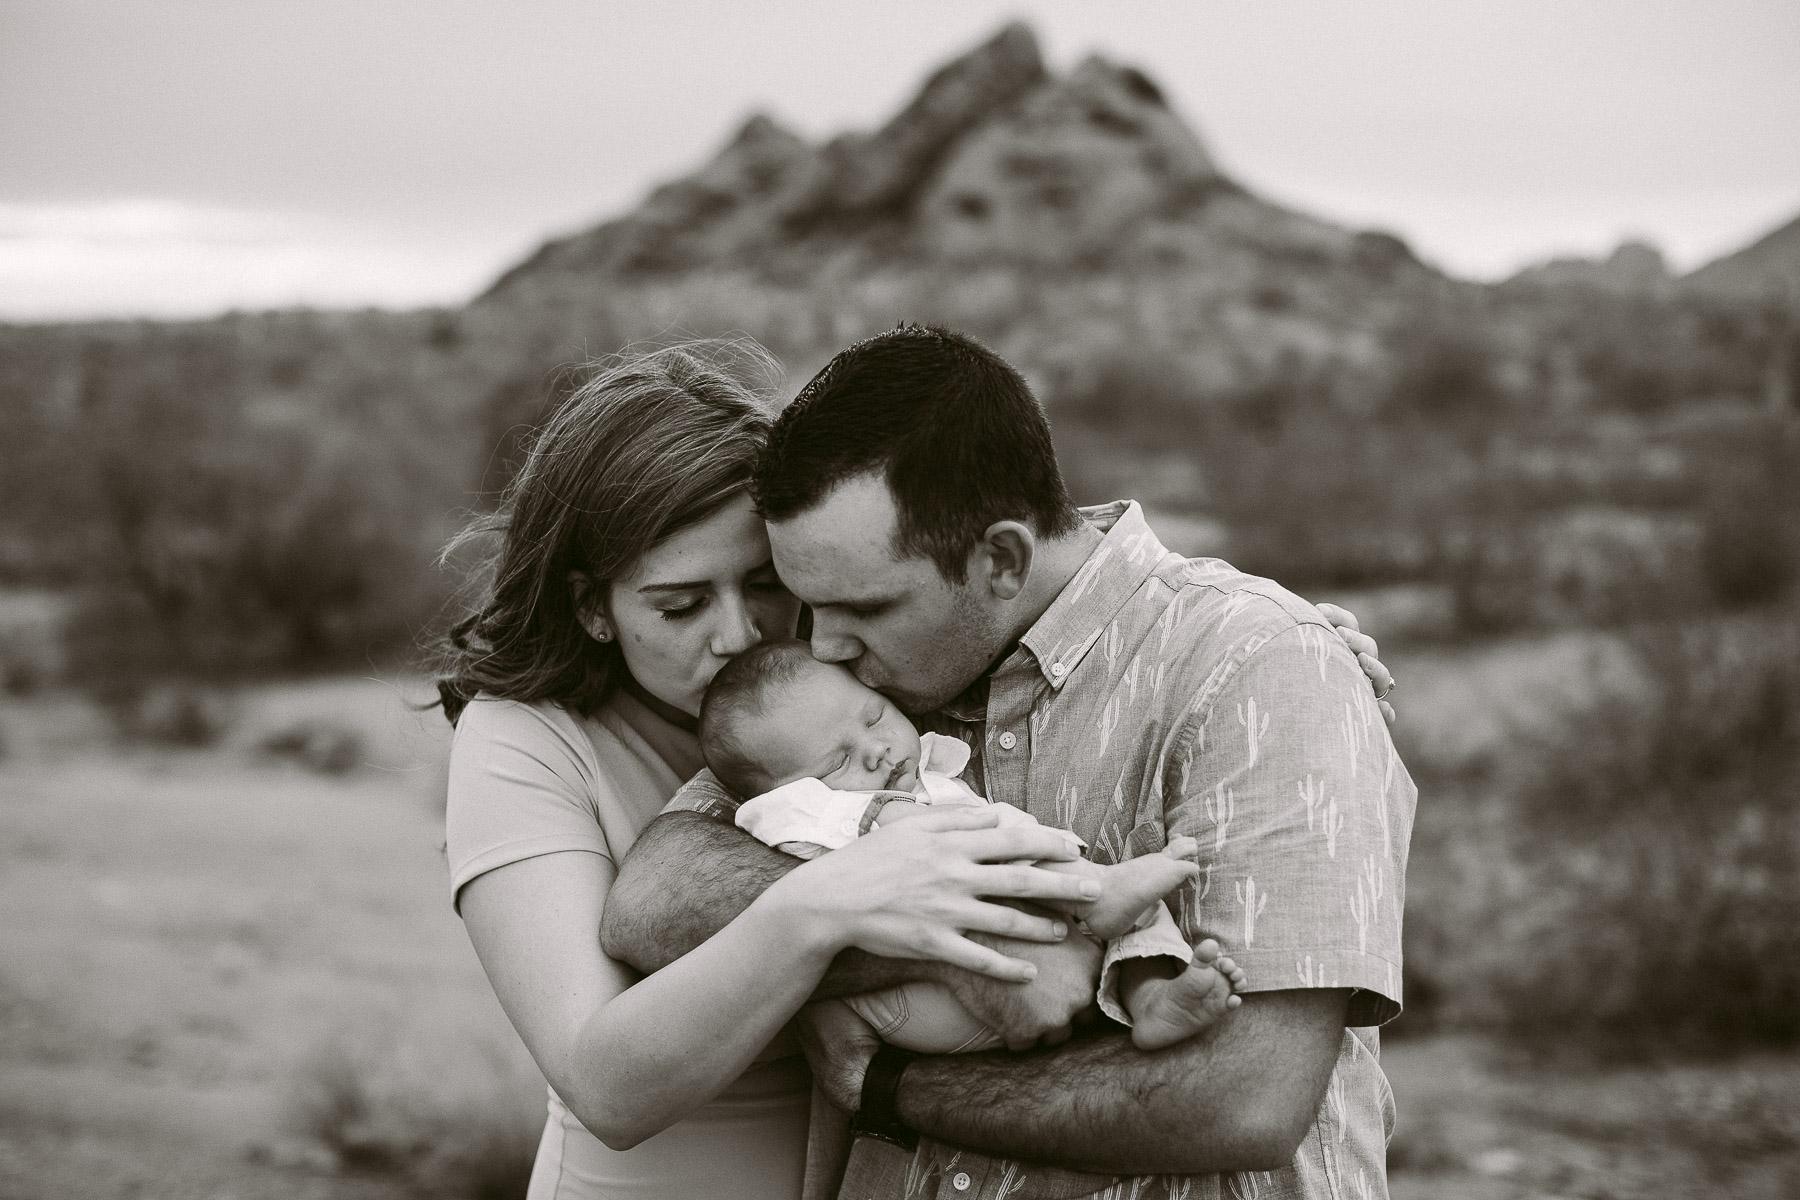 Luxium-Creative-@matt__le-Newborn-Baby-Photoshoot-Arizona-Phoenix-Papago-Park-Red-Rocks-111.jpg